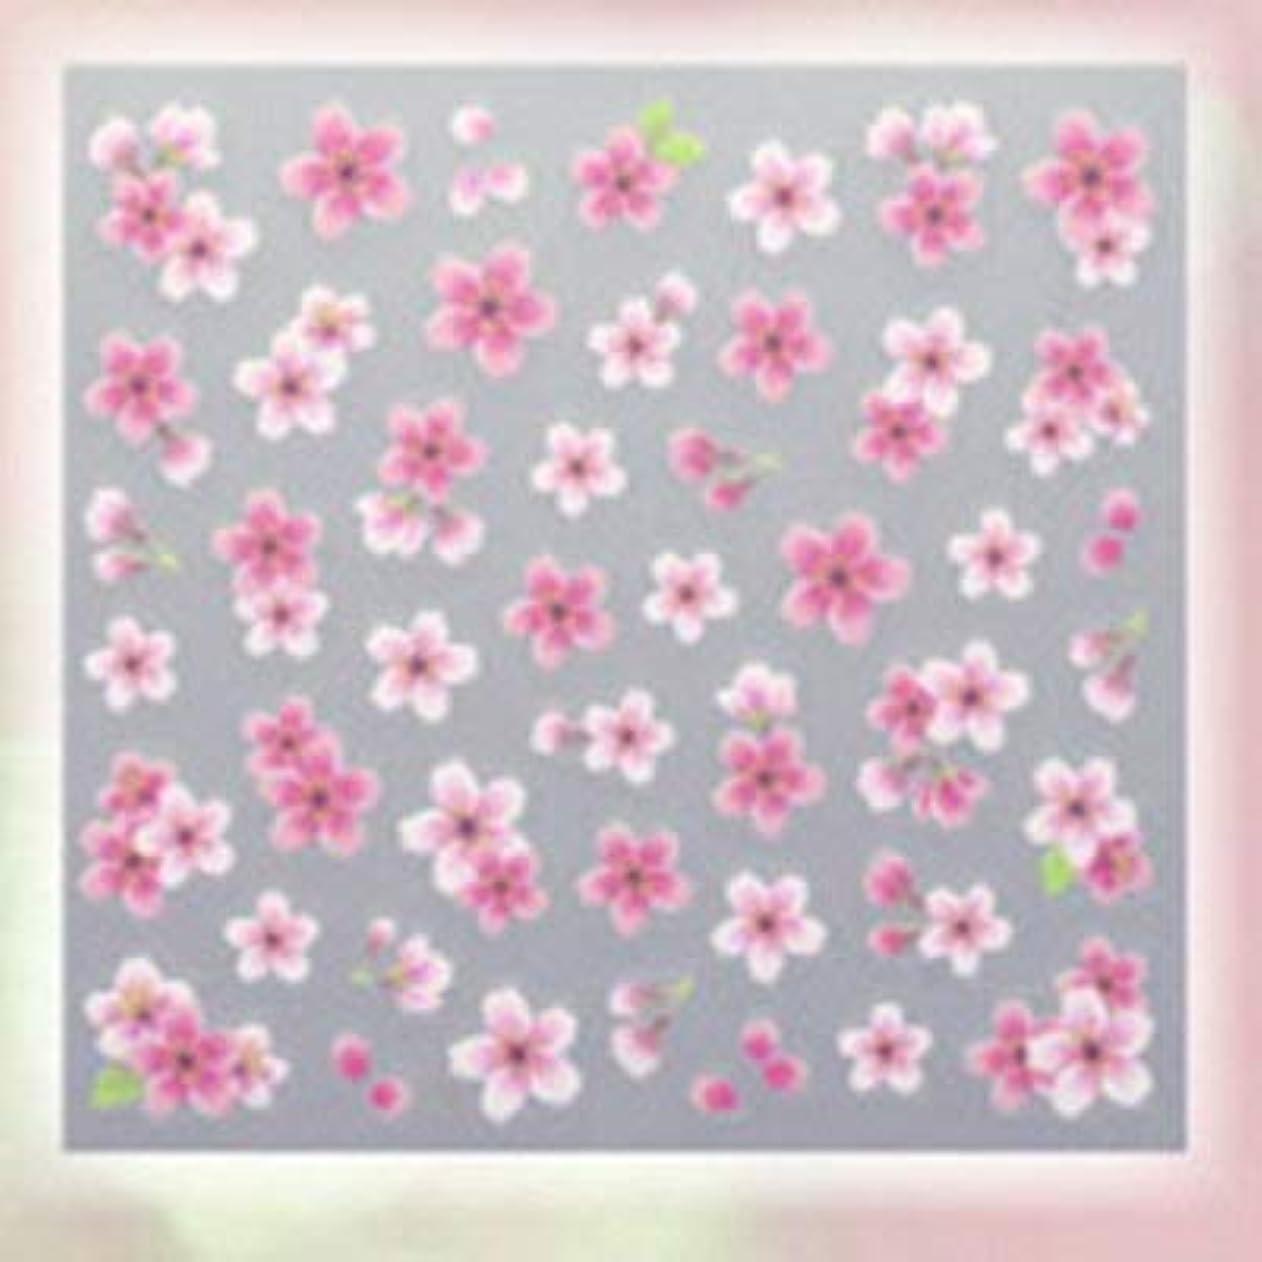 知り合いスポーツステップSHAREYDVA ネイルシール 桜 ピンク